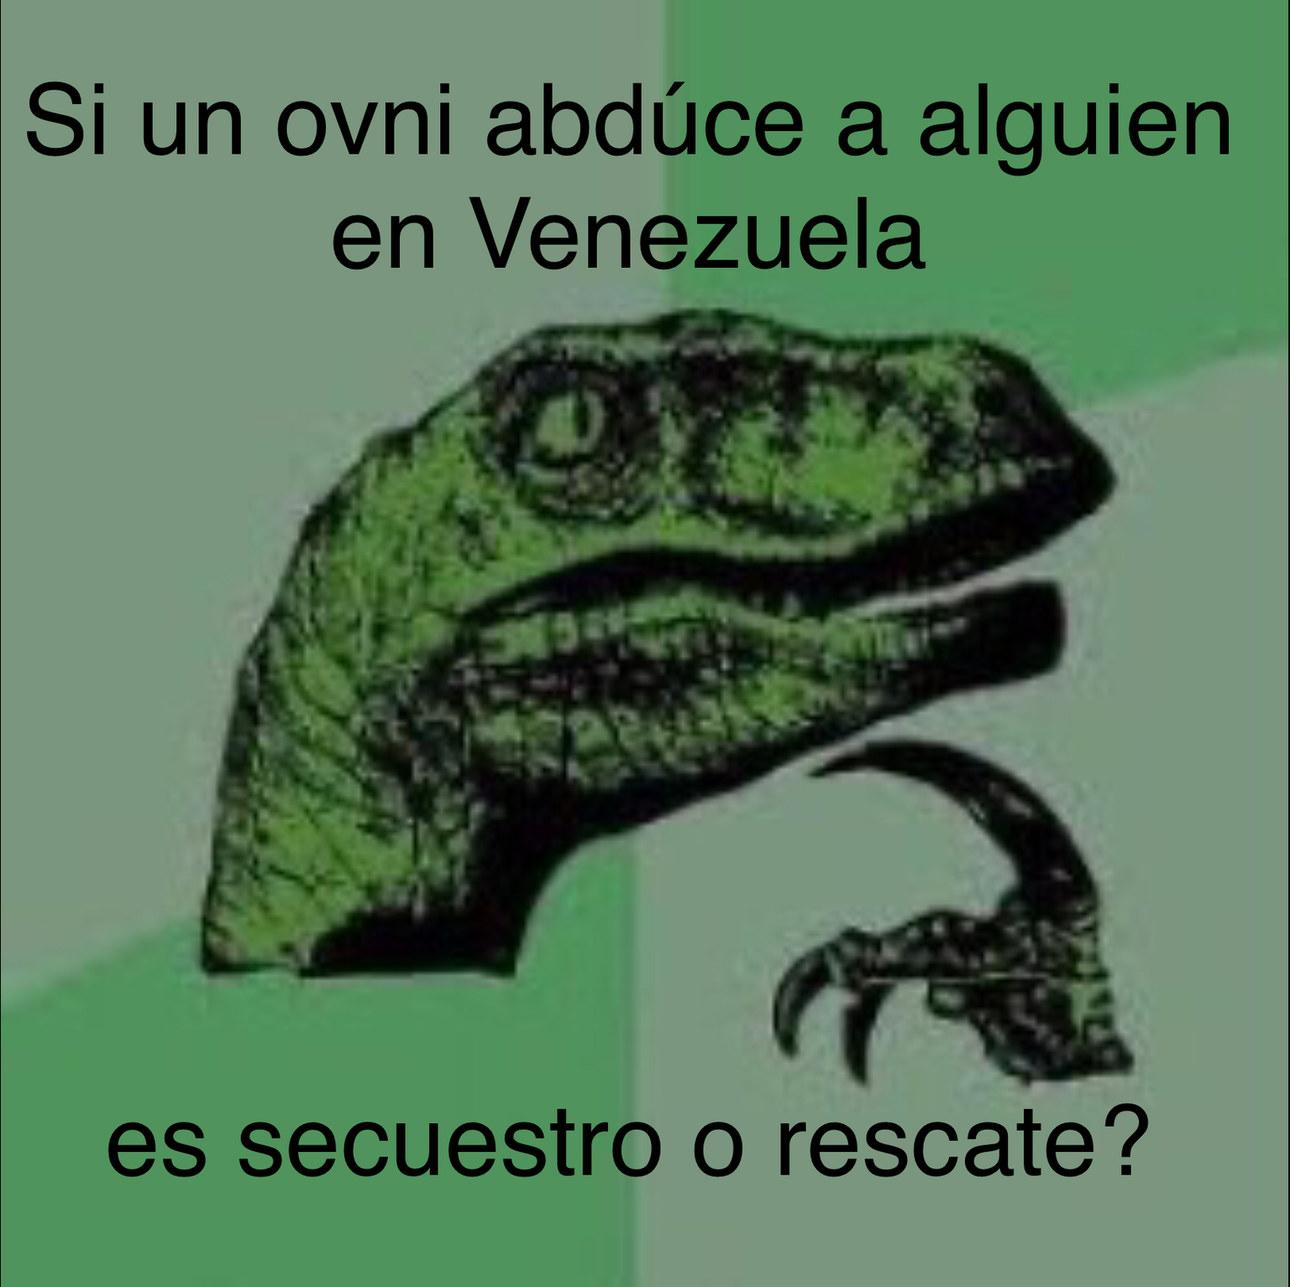 No se ofendan venezolanos - meme